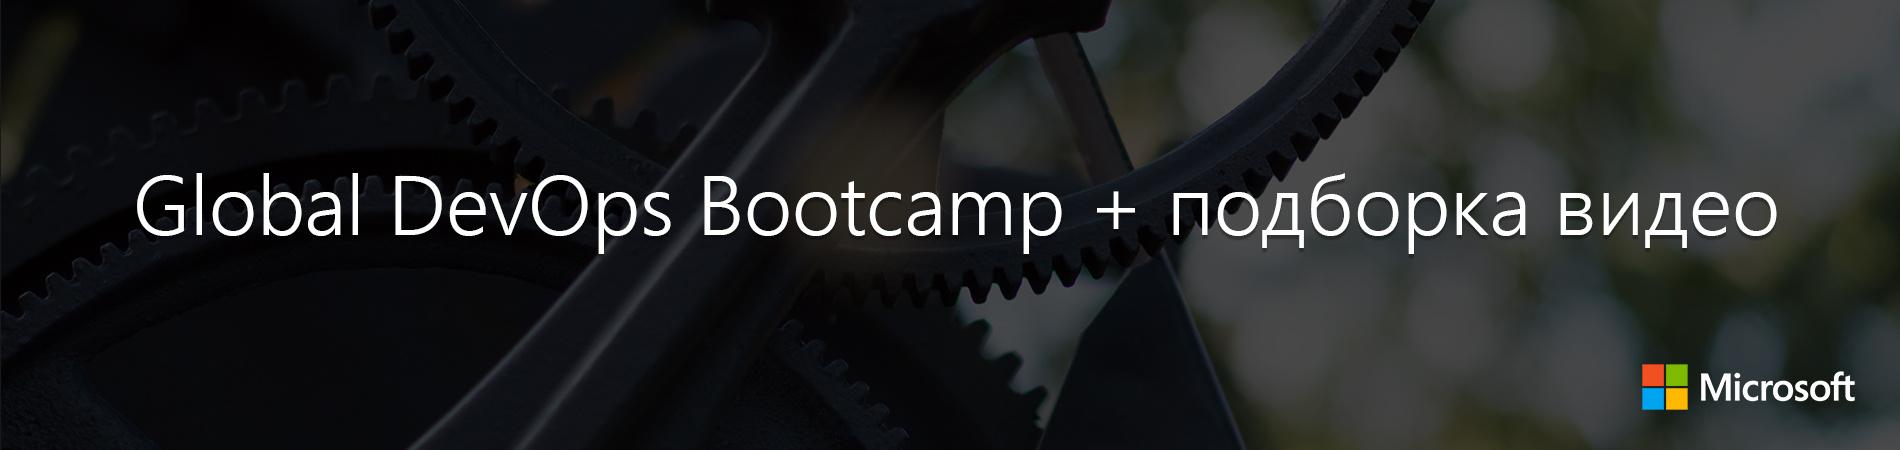 Global DevOps Bootcamp + подборка видео